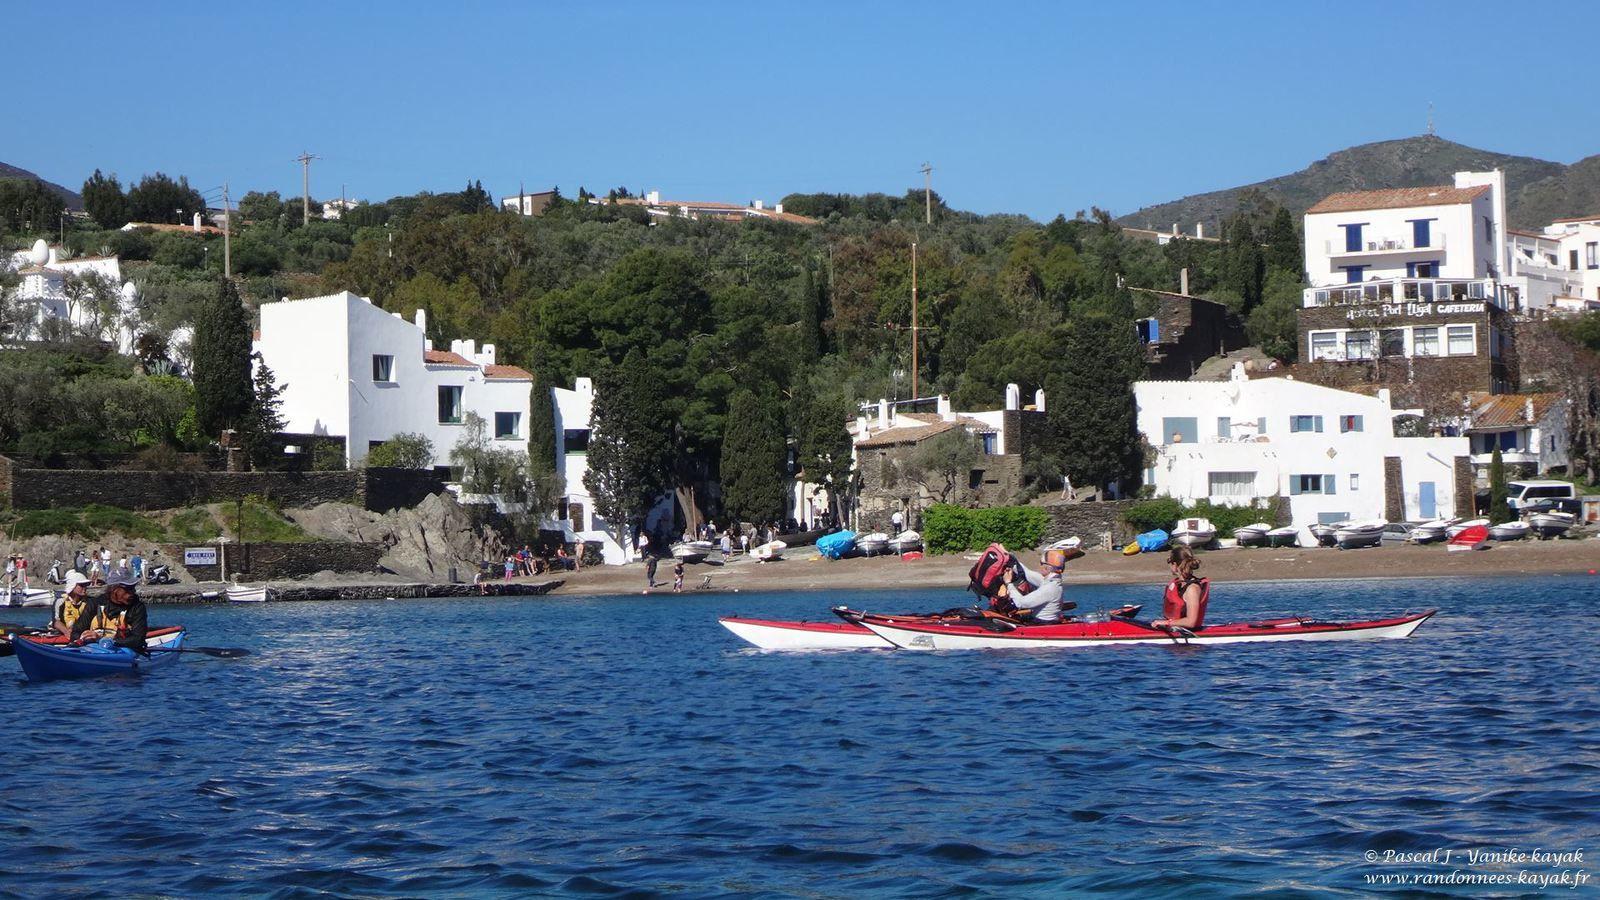 Pagaia 2017 : Portligat - Cap de Creus - Portlligat